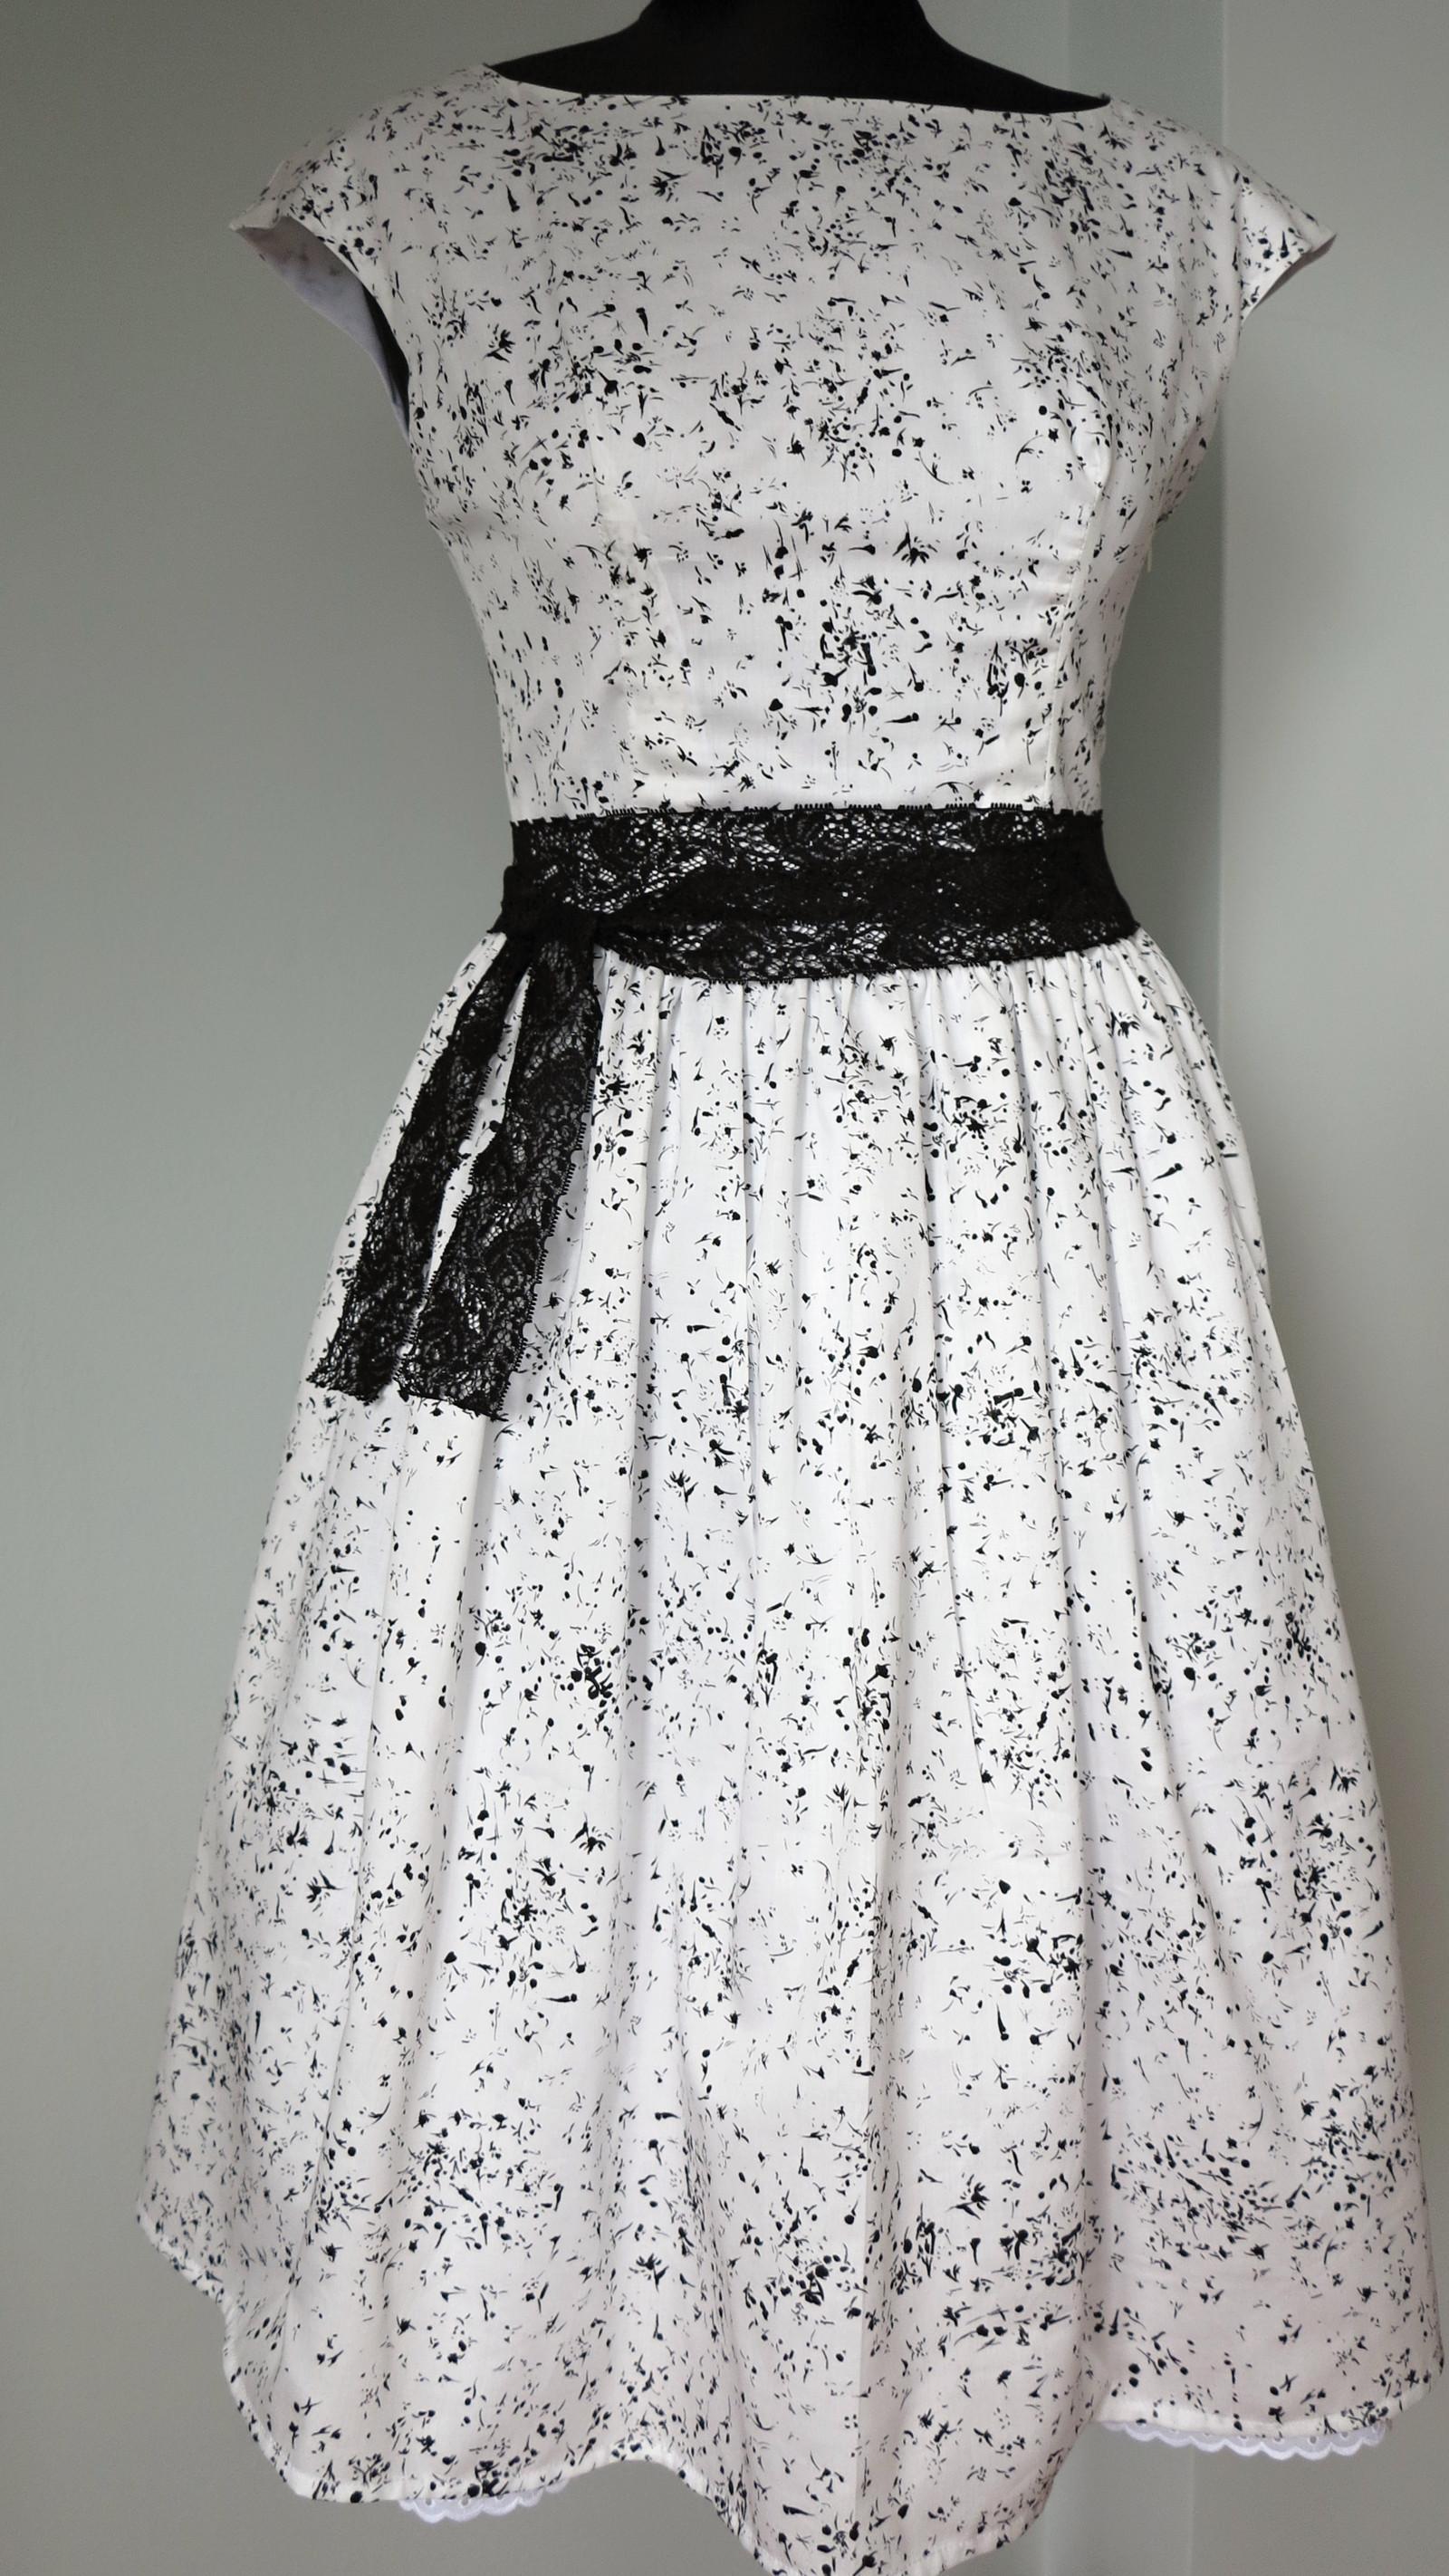 šaty + spodnička Naomi Ito Jing Jang vel na míru   Zboží prodejce ... f1f9f25a77